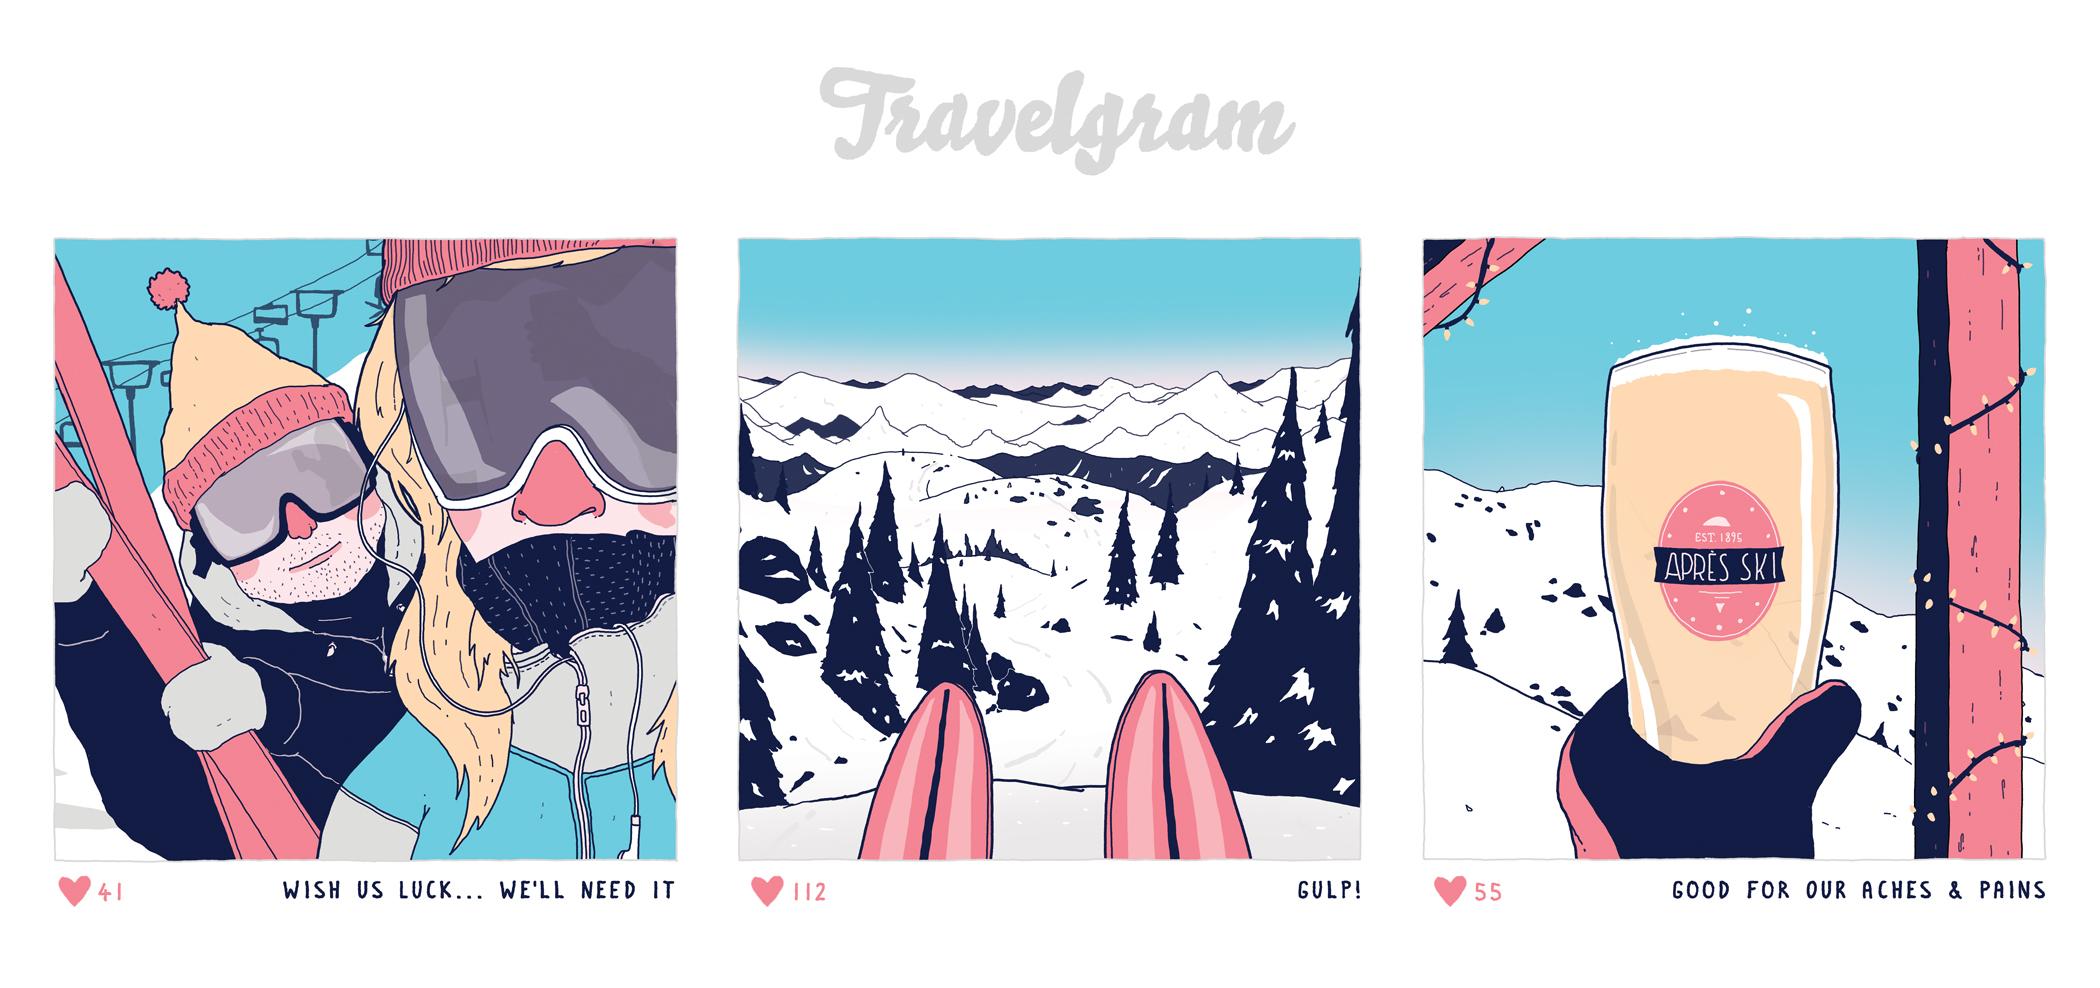 travelgram-web-02-skiing.jpg